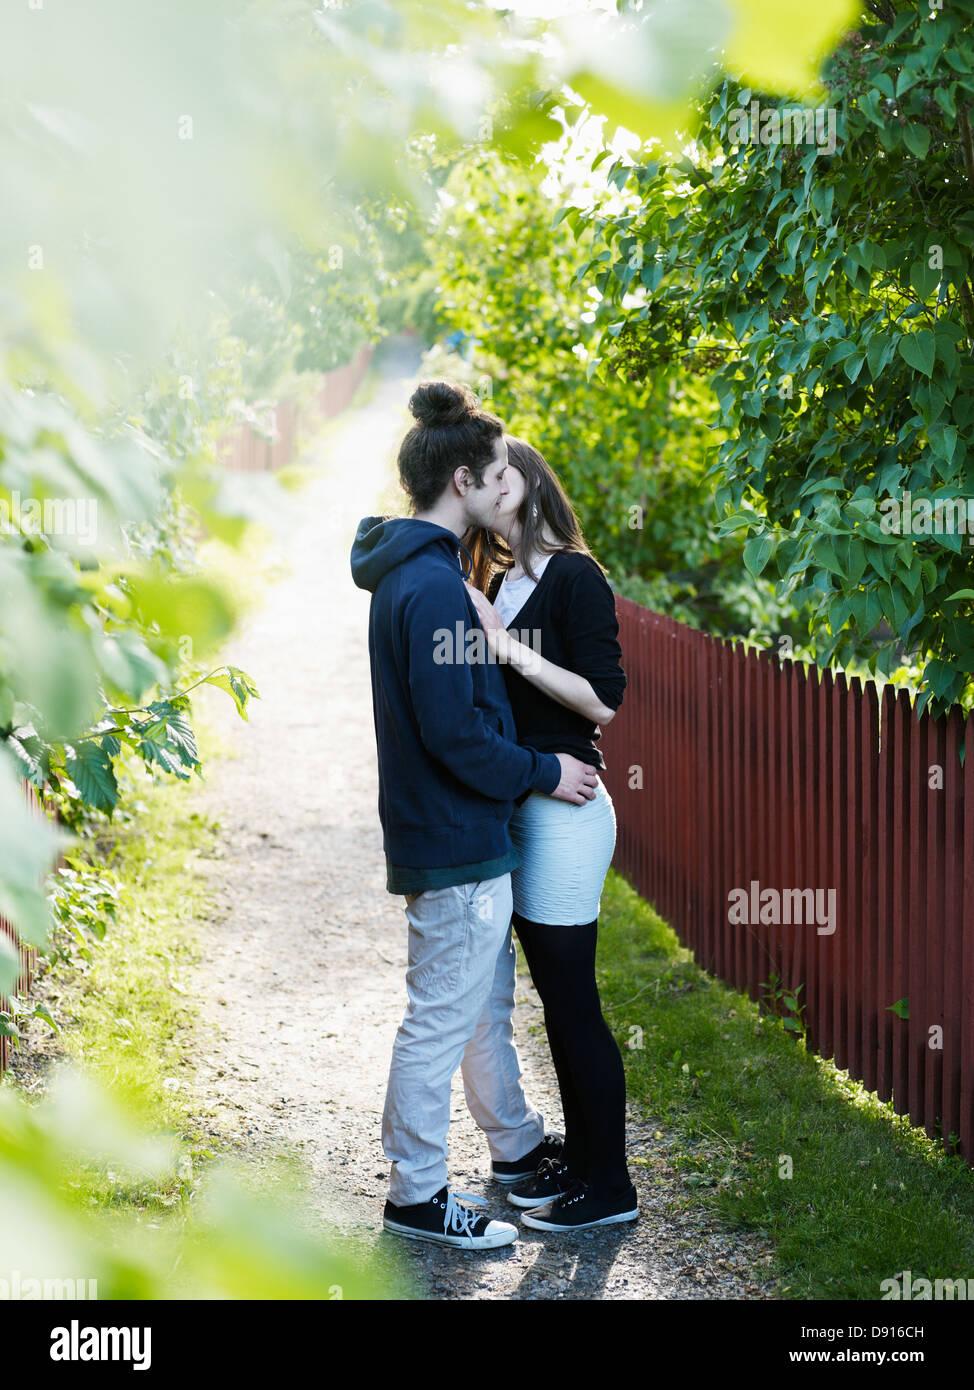 Pareja joven besos al aire libre Imagen De Stock